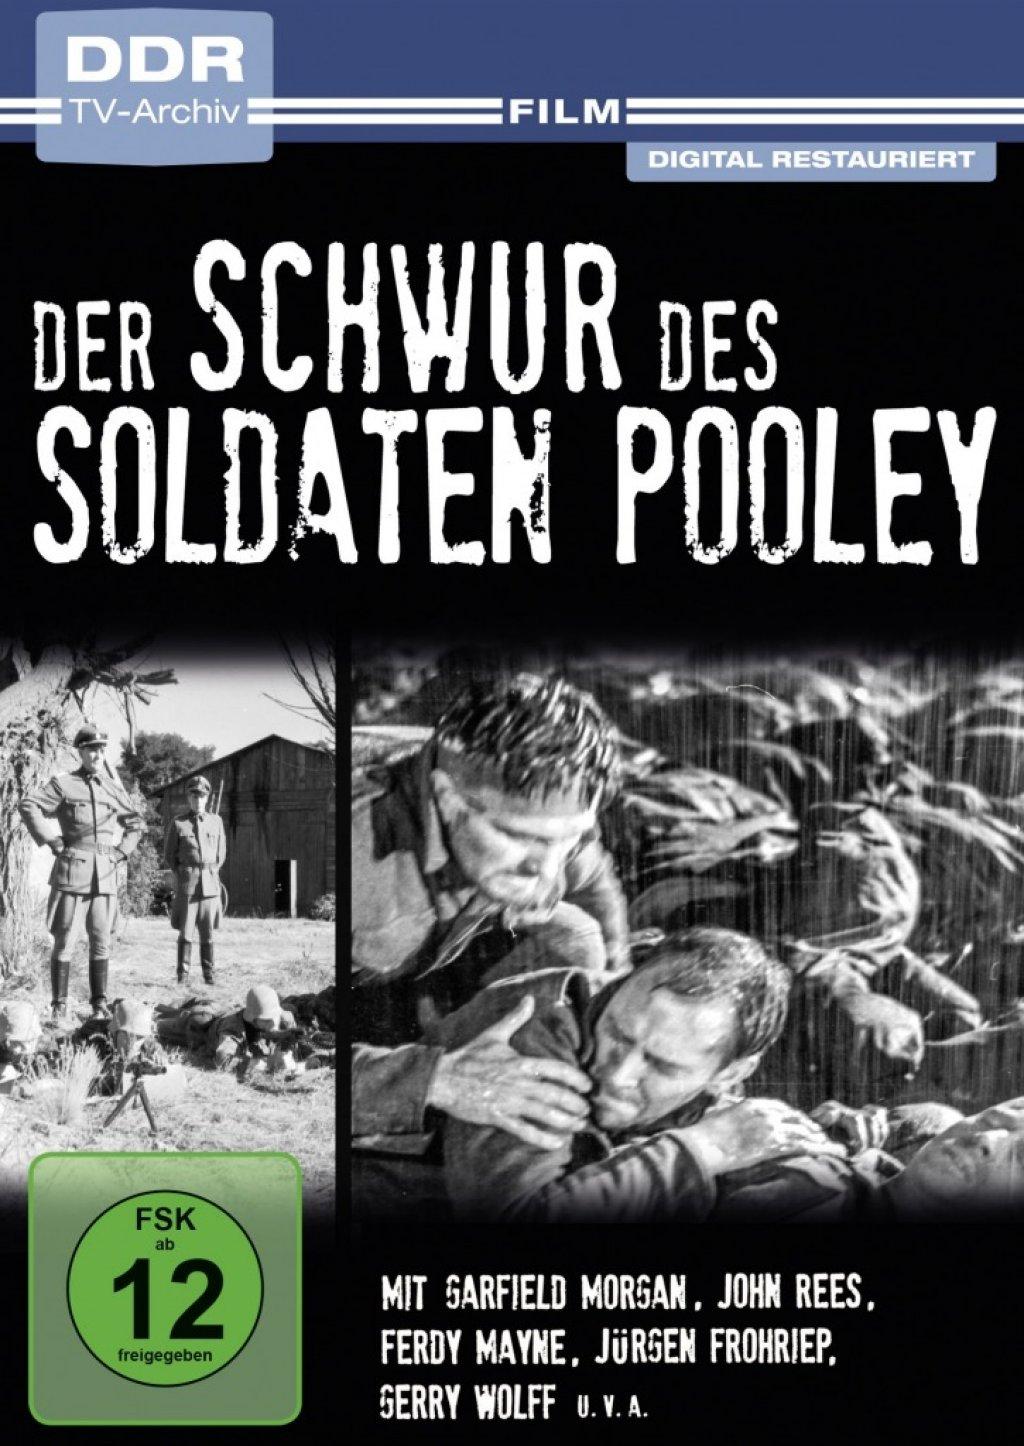 Der Schwur des Soldaten Pooley (DVD)